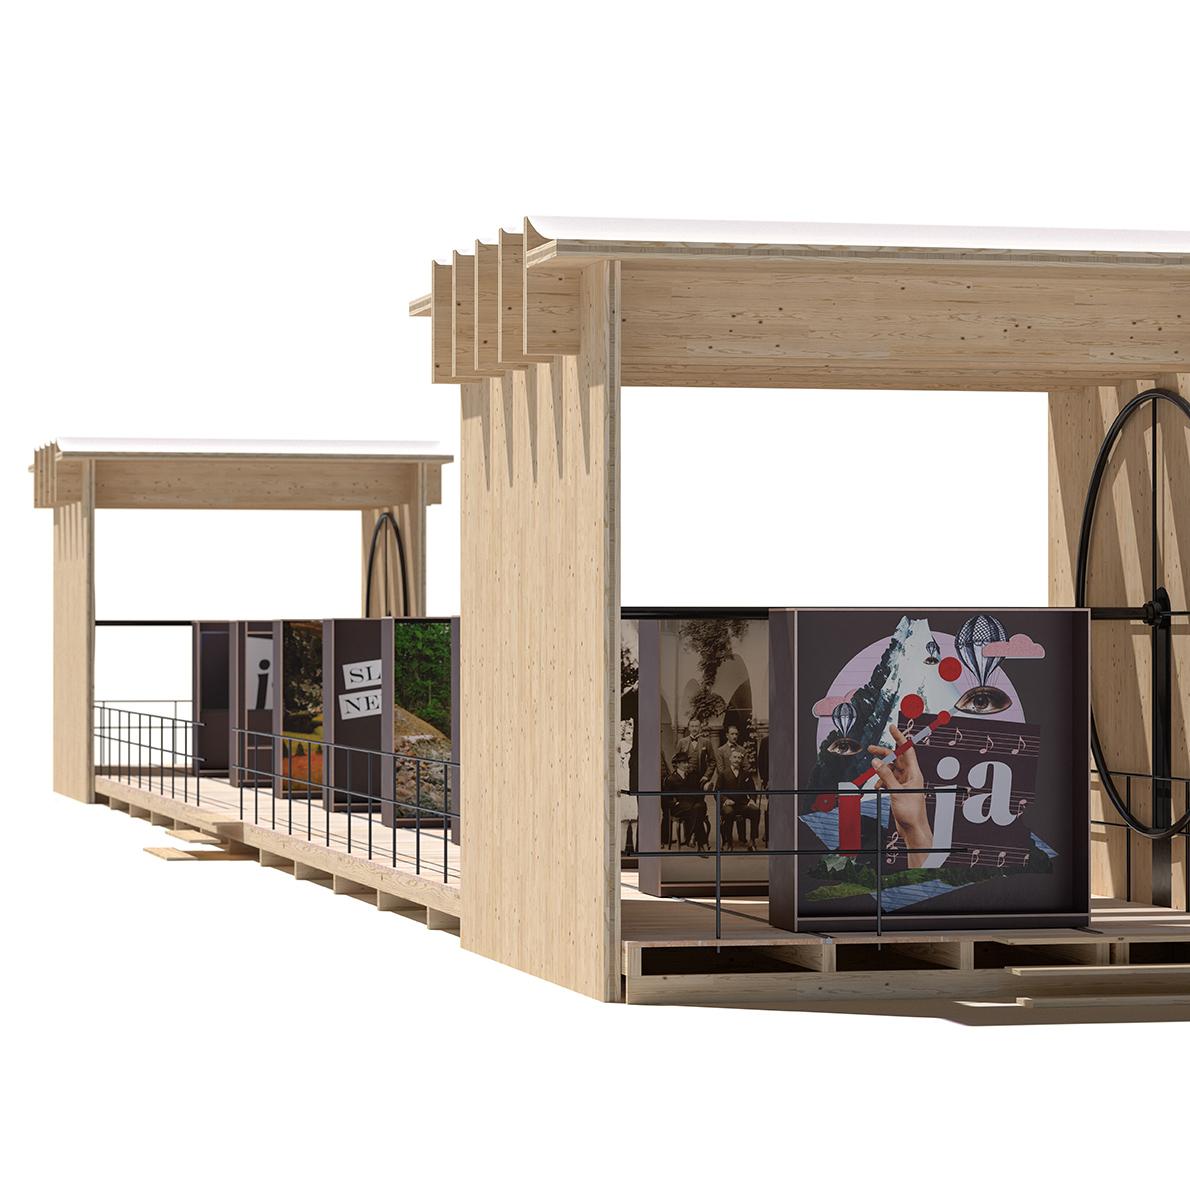 Mobile Ausstellung. Architektur: Winkler+Ruck / Certov Architekten. Rendering ImageFX